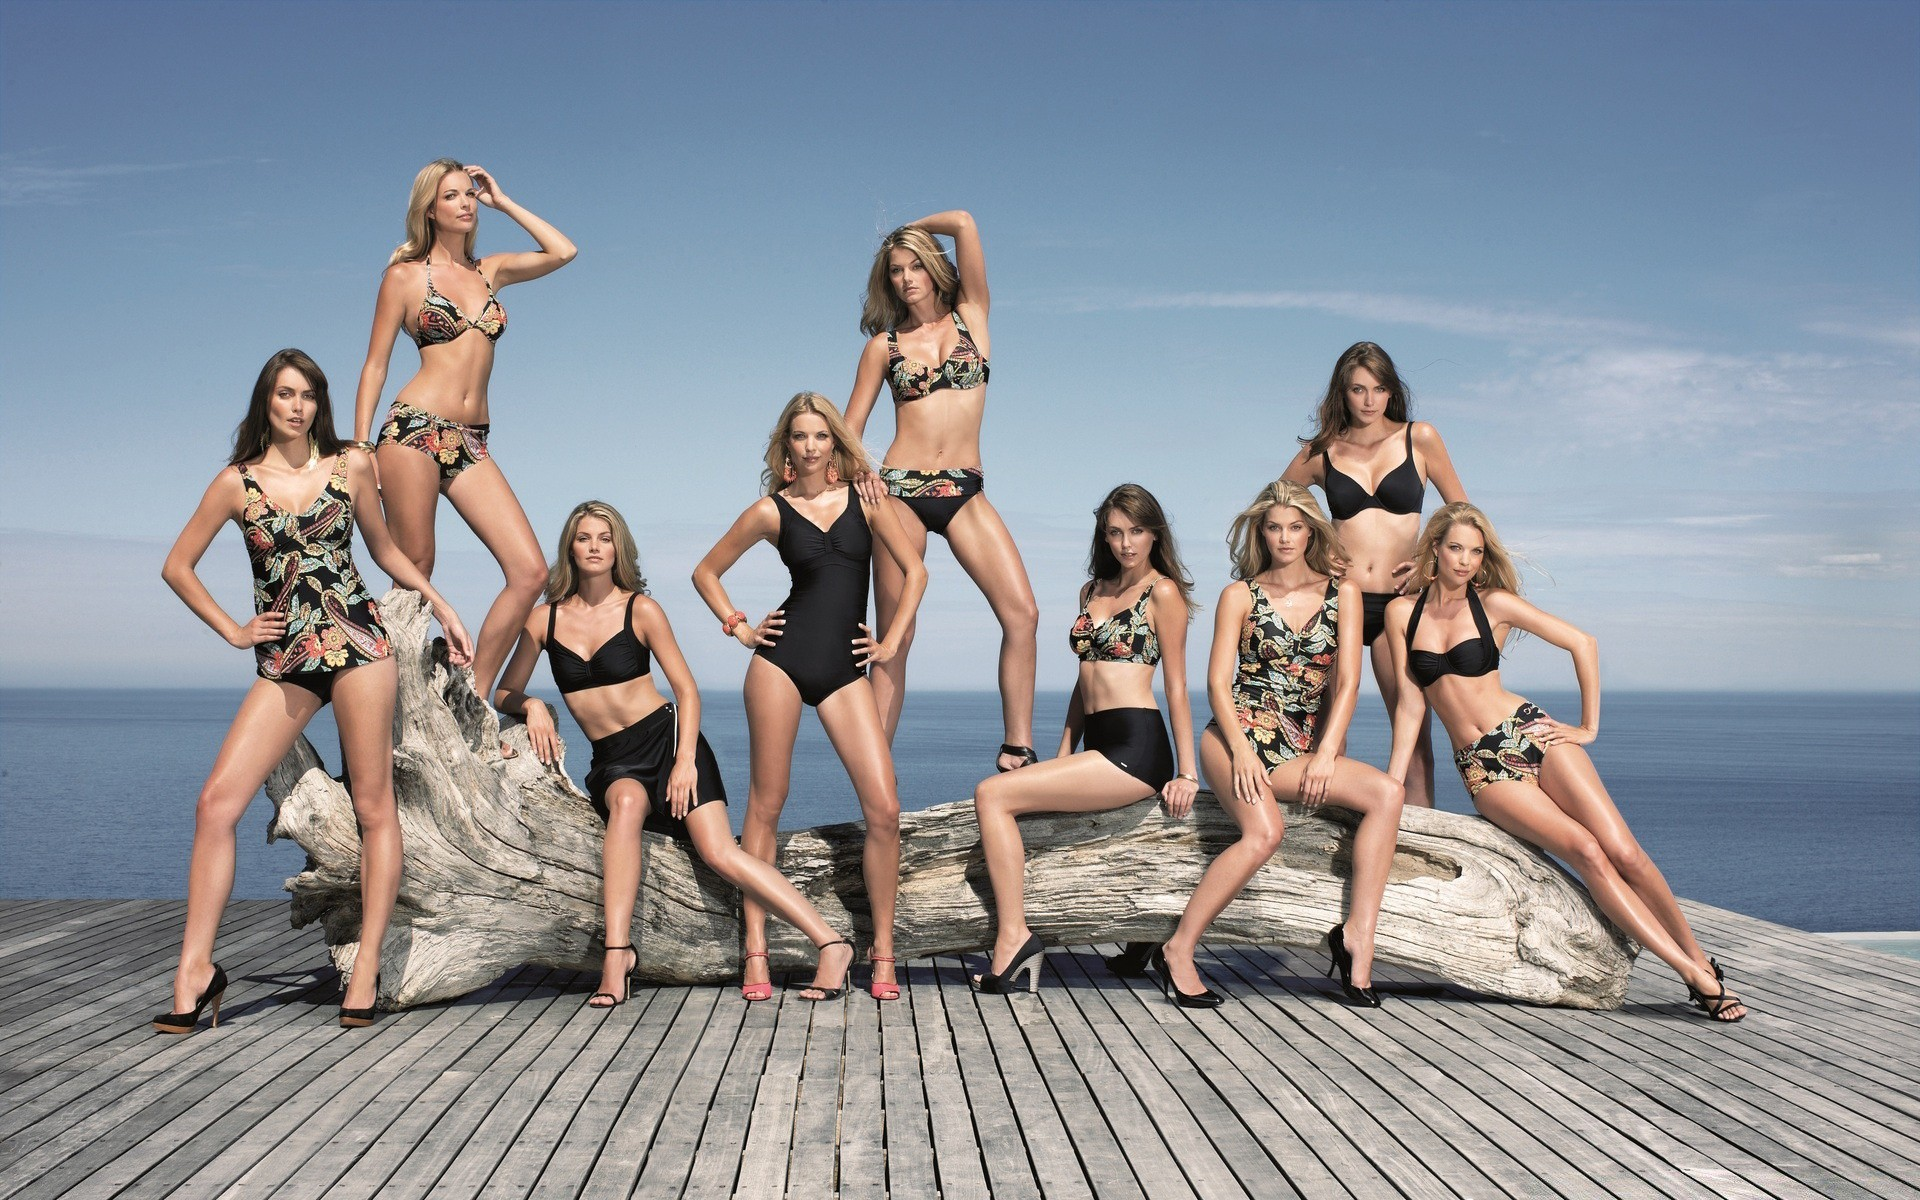 hot-girl-group